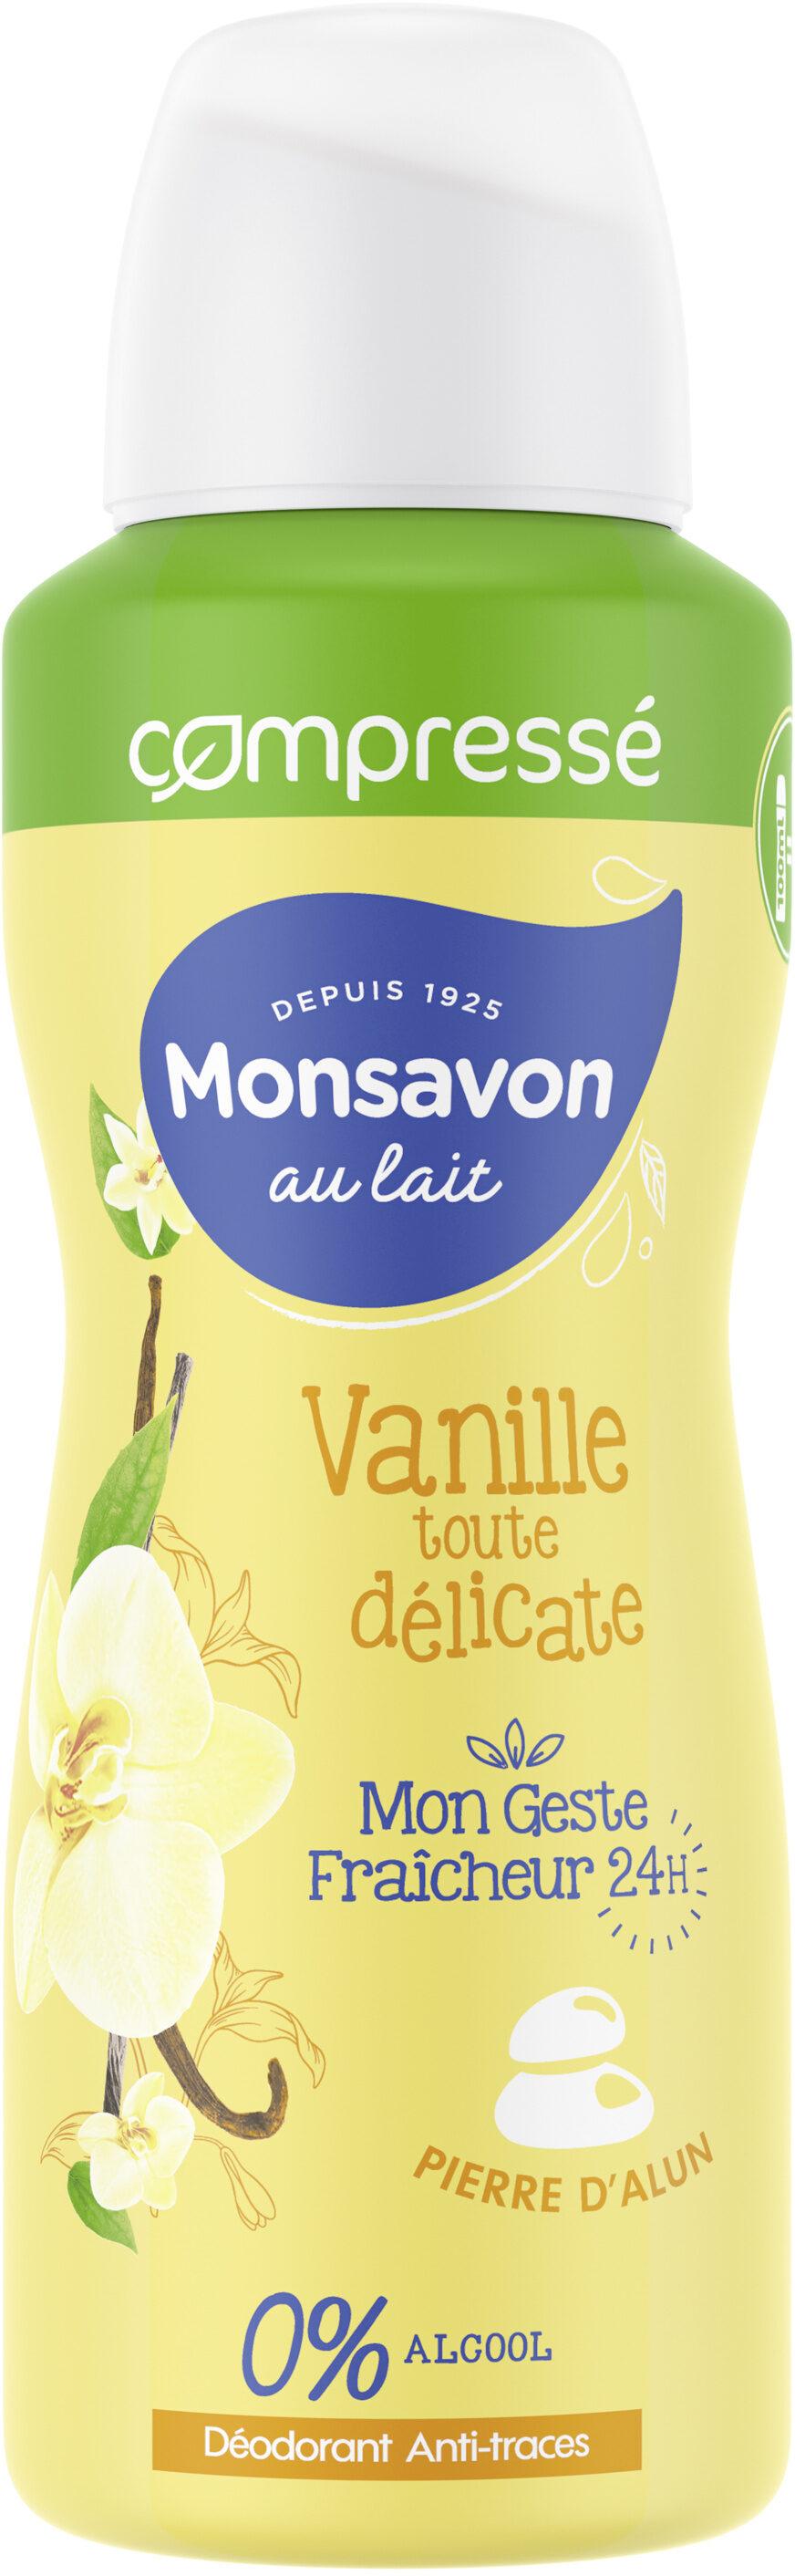 Monsavon Déodorant Femme Spray Antibactérien Lait & Vanille - Product - fr